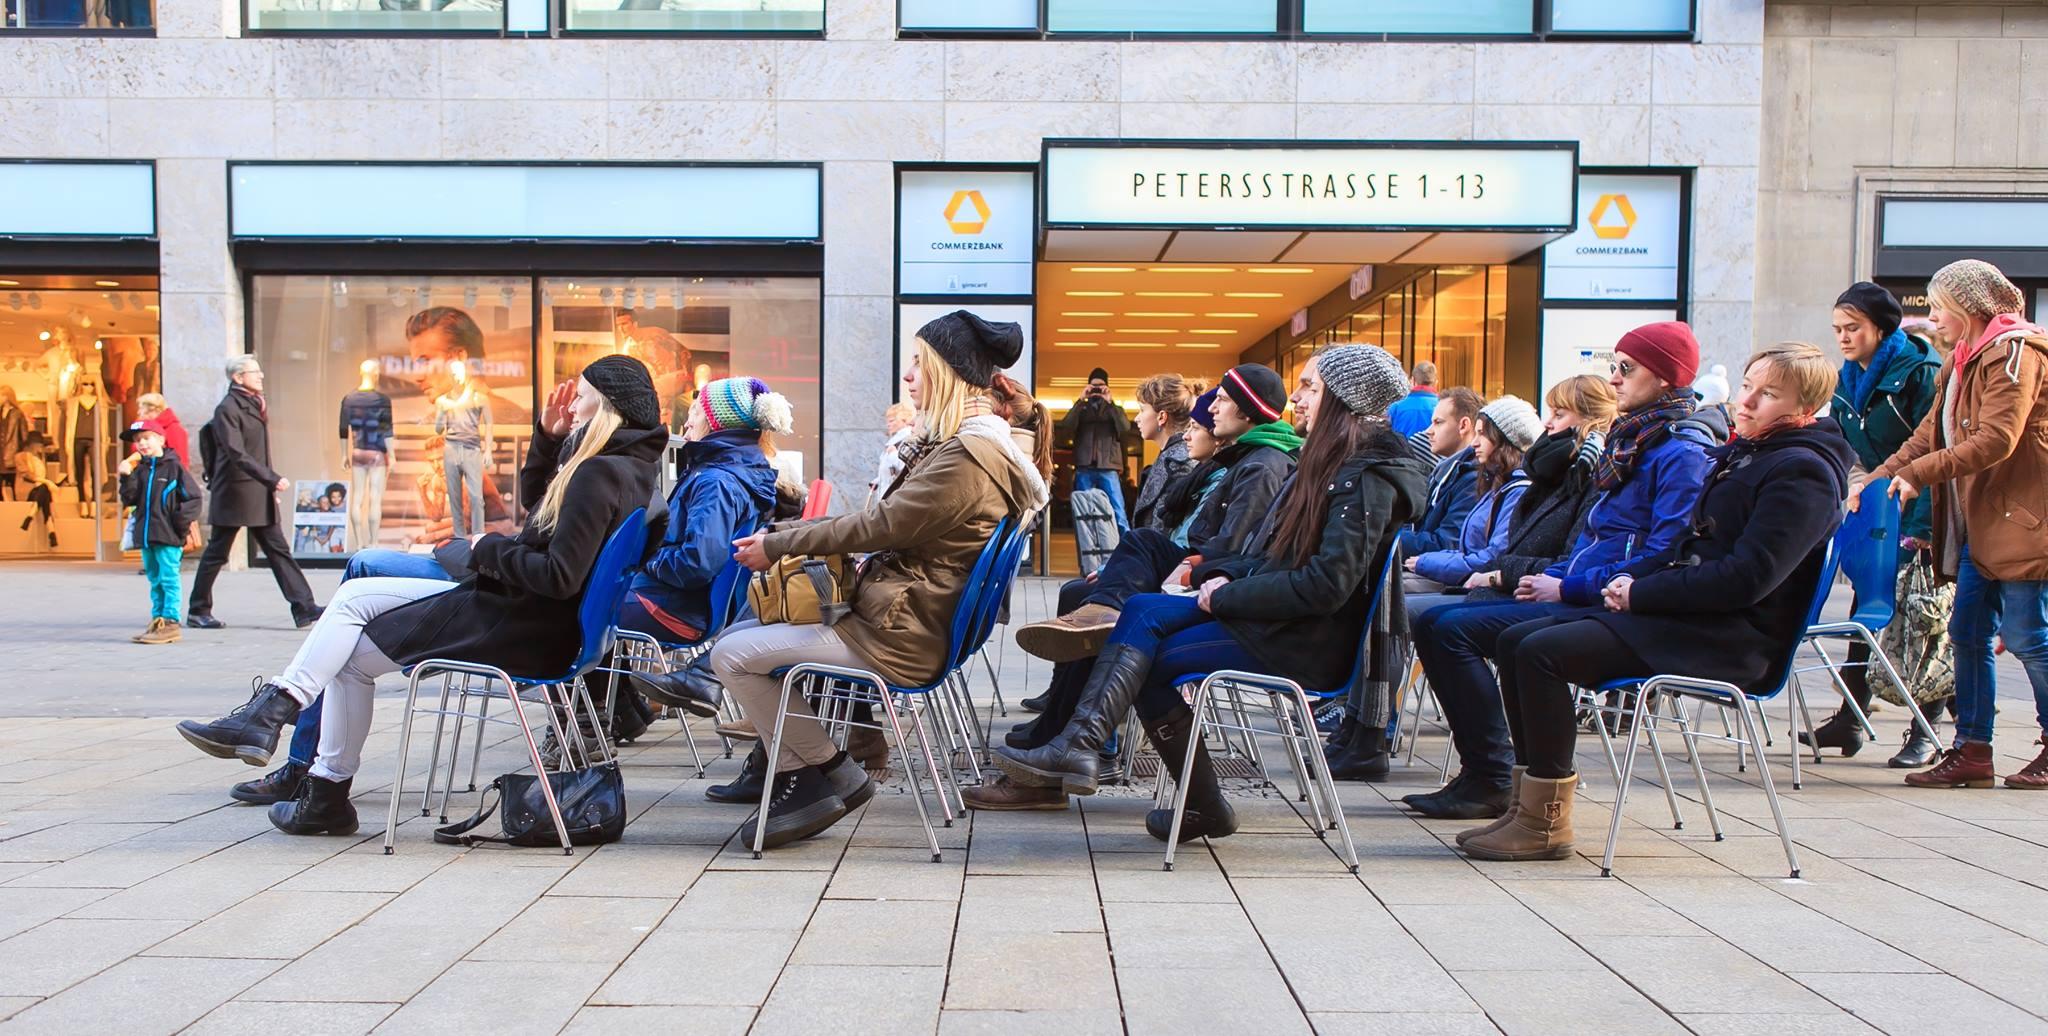 Stille Stühle in der Peterstraße. Foto: Swen Reichold.